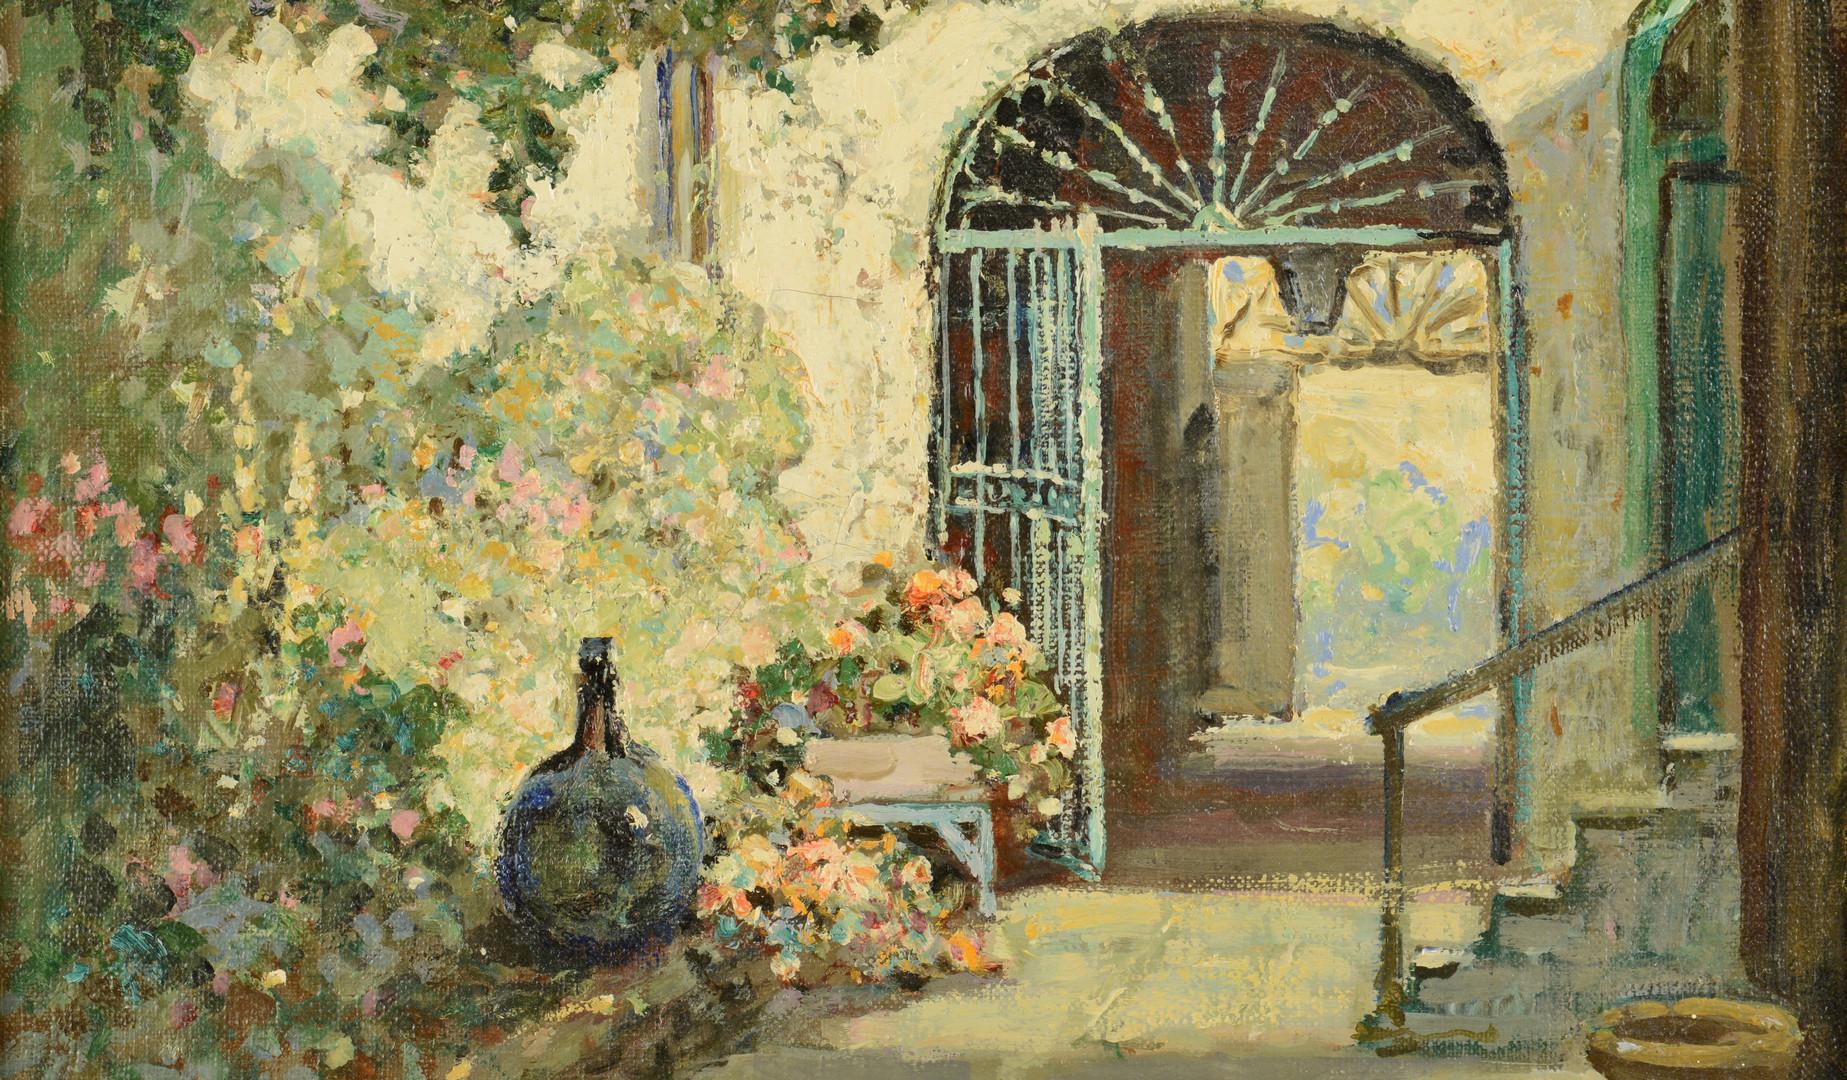 Lot 197: Abbott Fuller Graves, New Orleans Courtyard